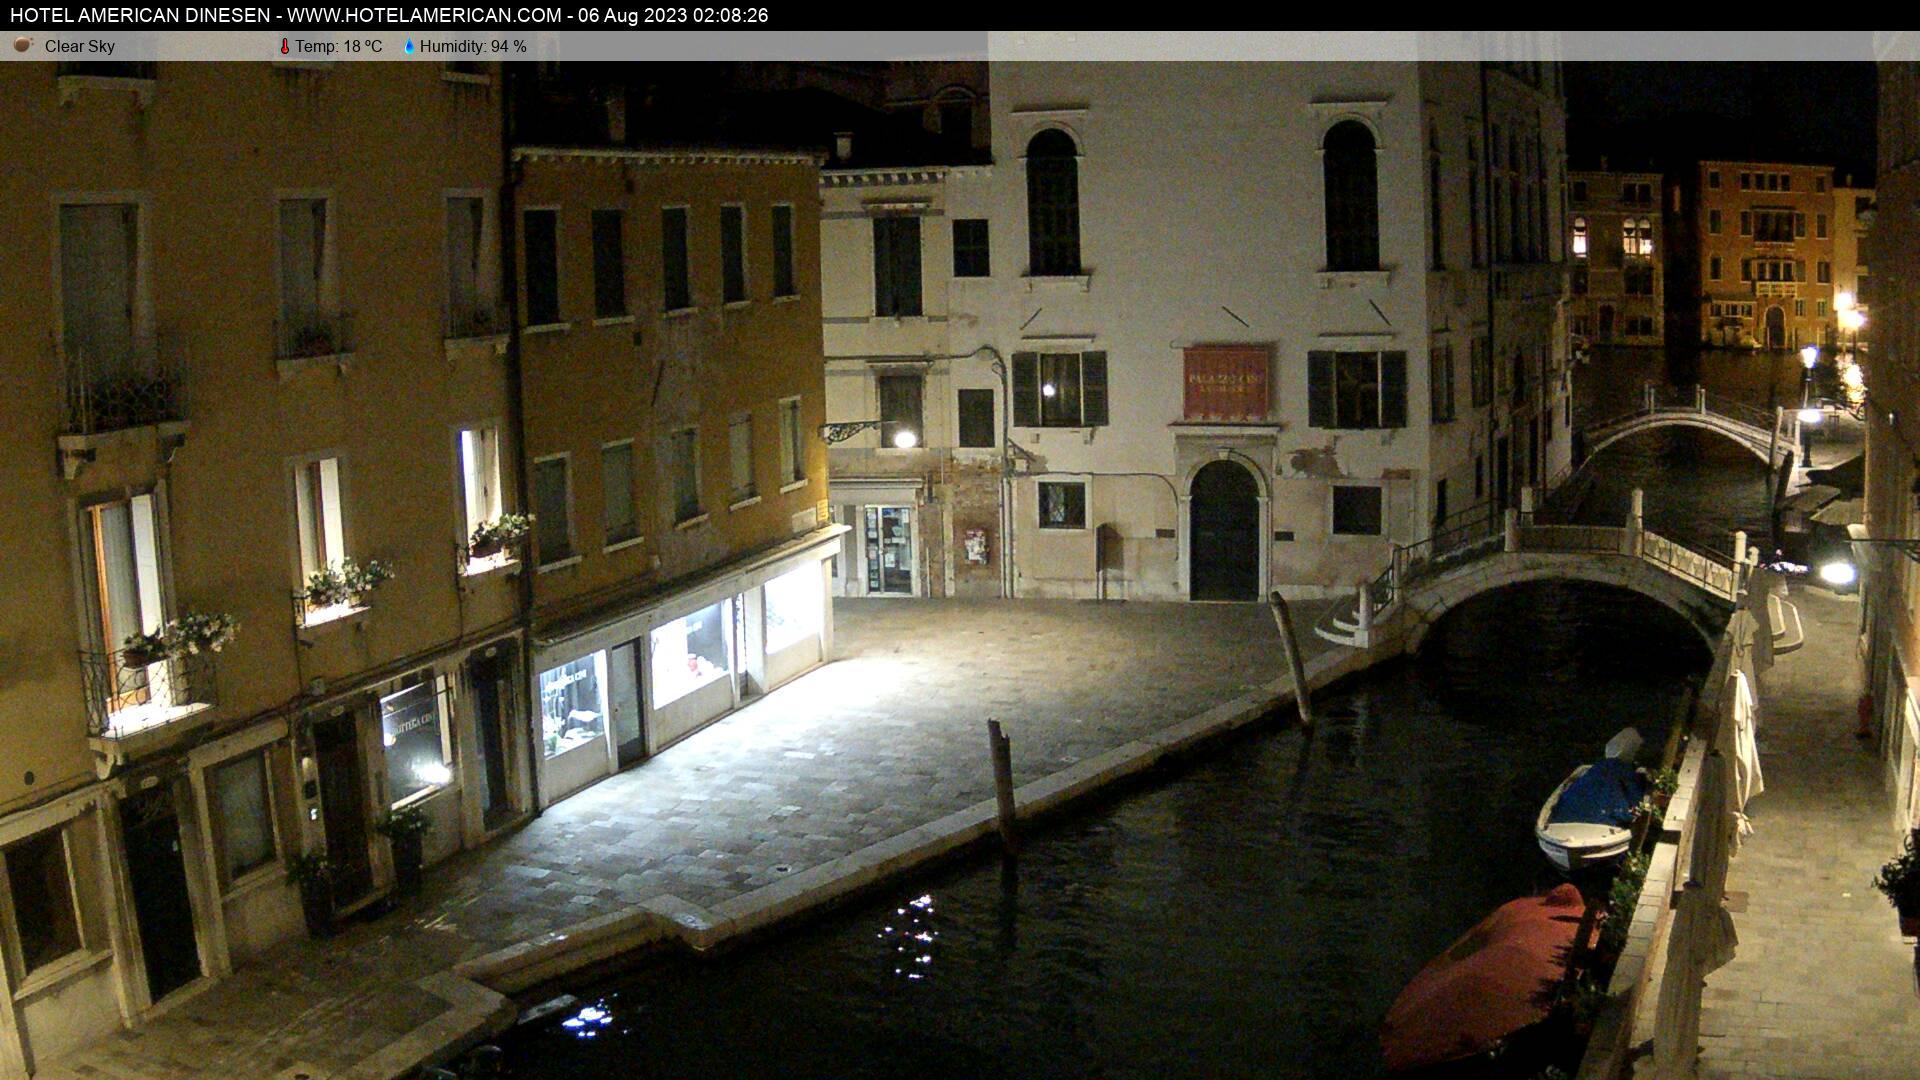 Venedig So. 02:08